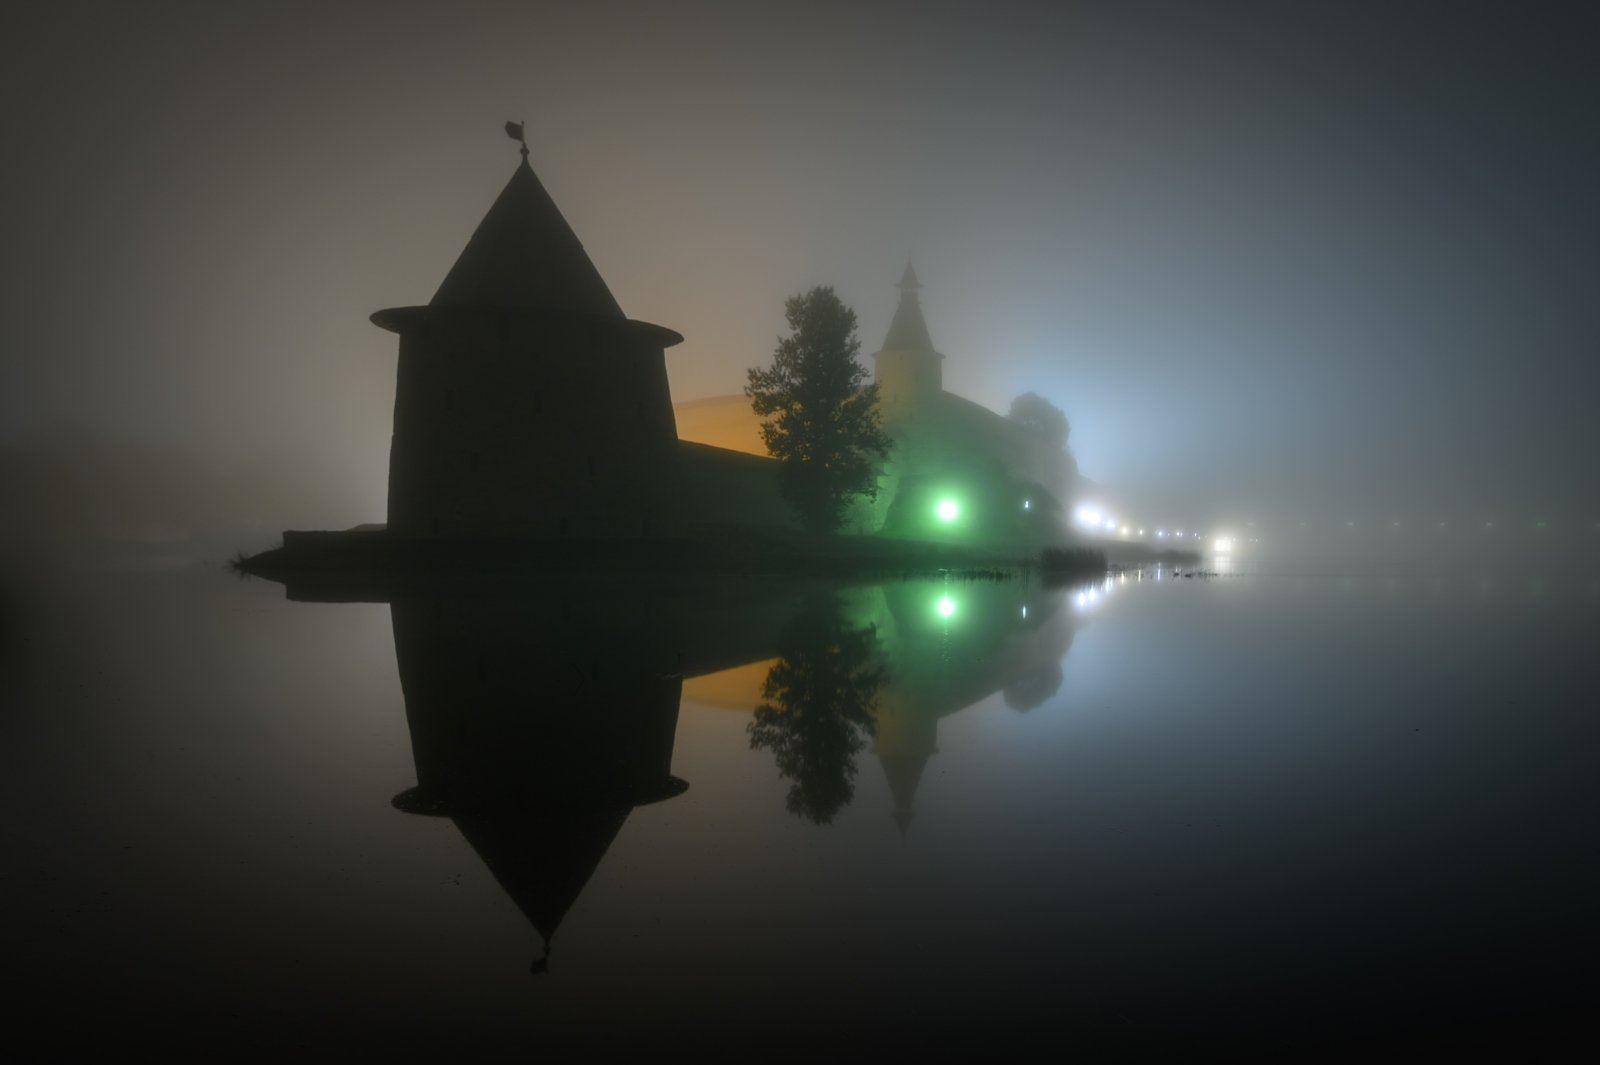 пейзаж, Dmitriev Roman